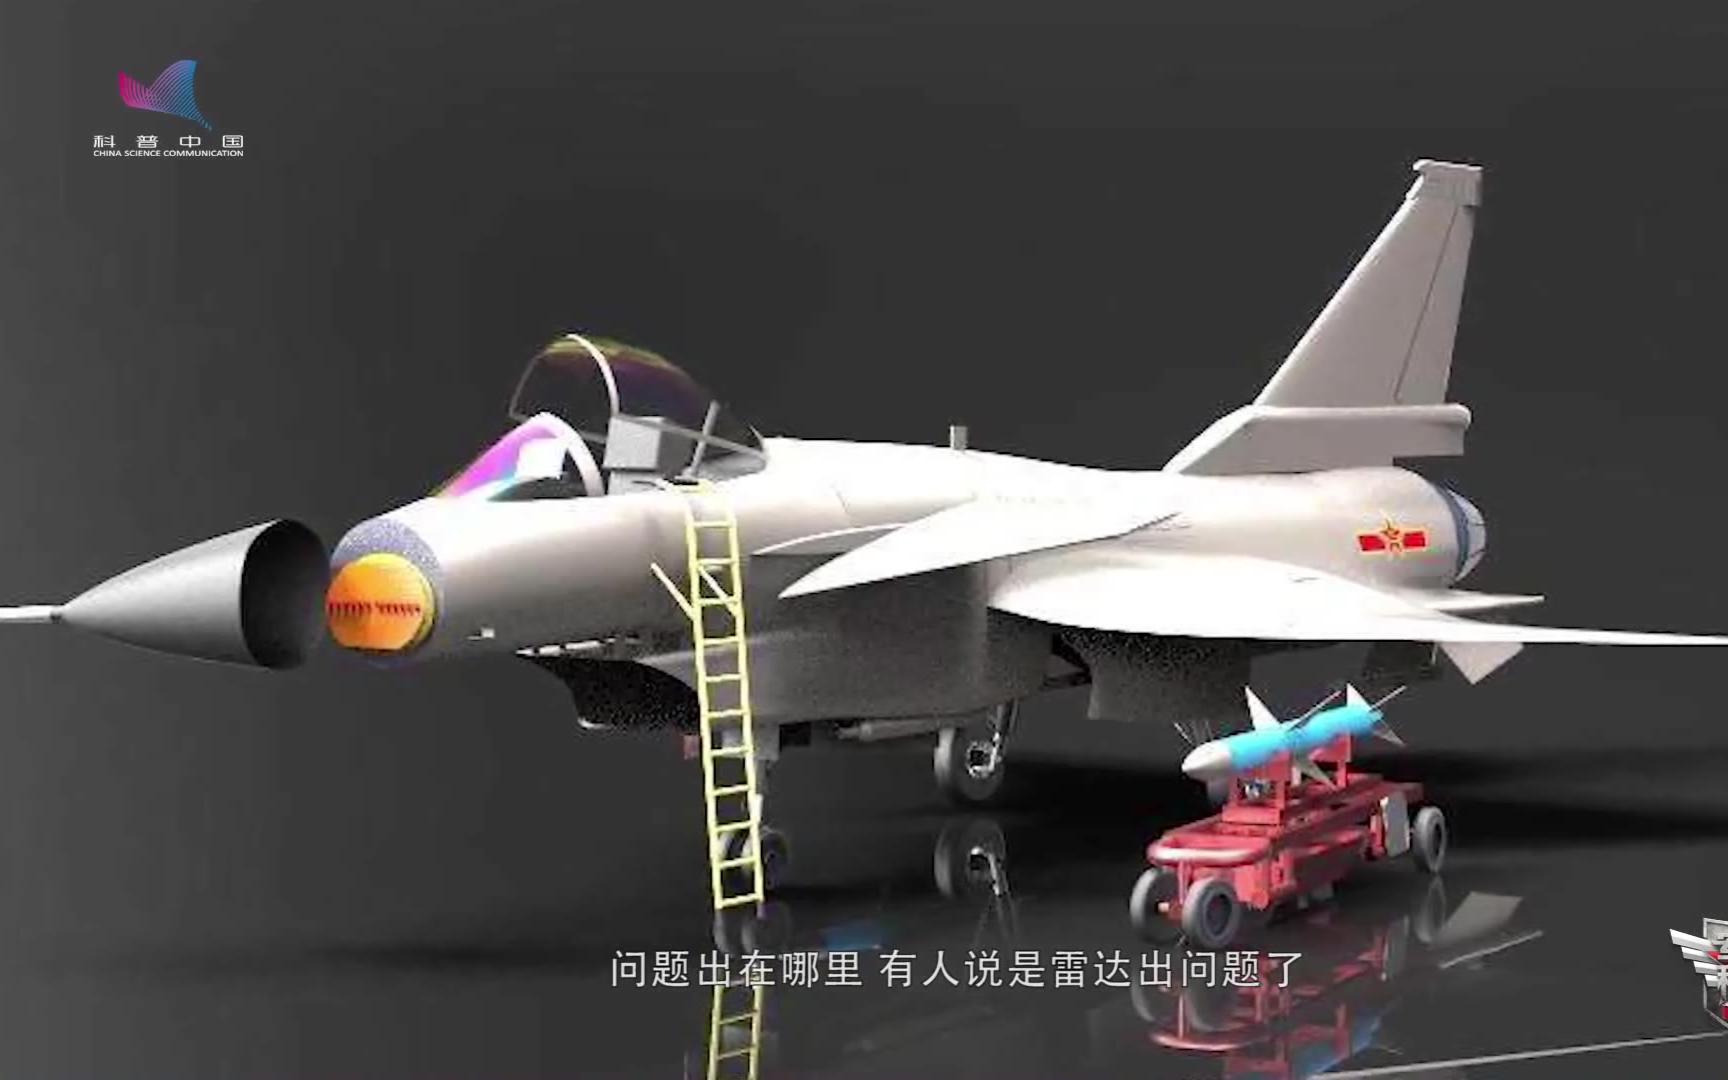 歼-10导弹靶试飞为何困难重重?